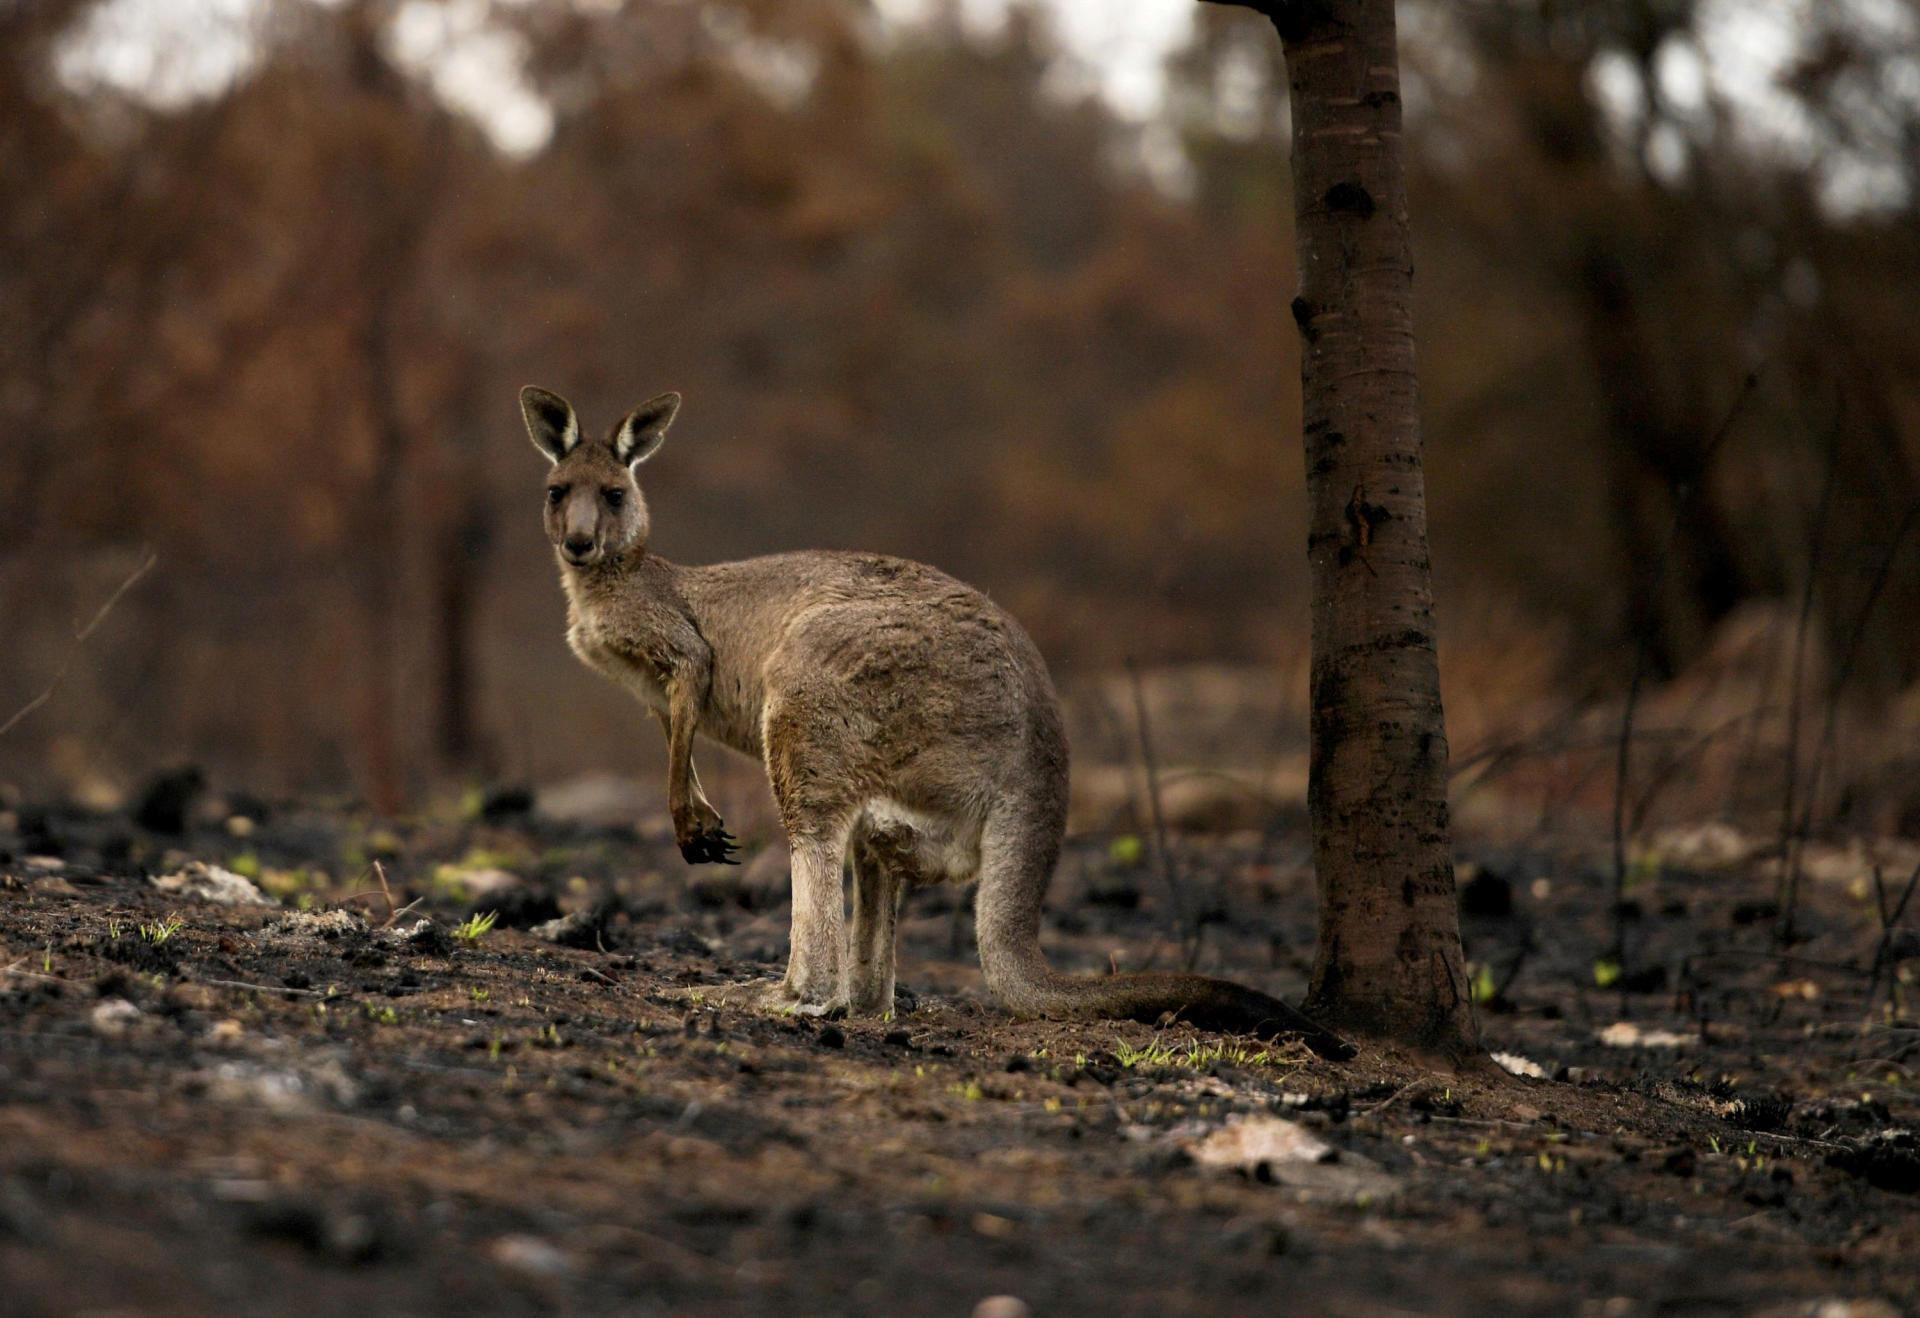 Un kangourou blessé avec un bébé dans sa poche, le 9janvier, à Cobargo.